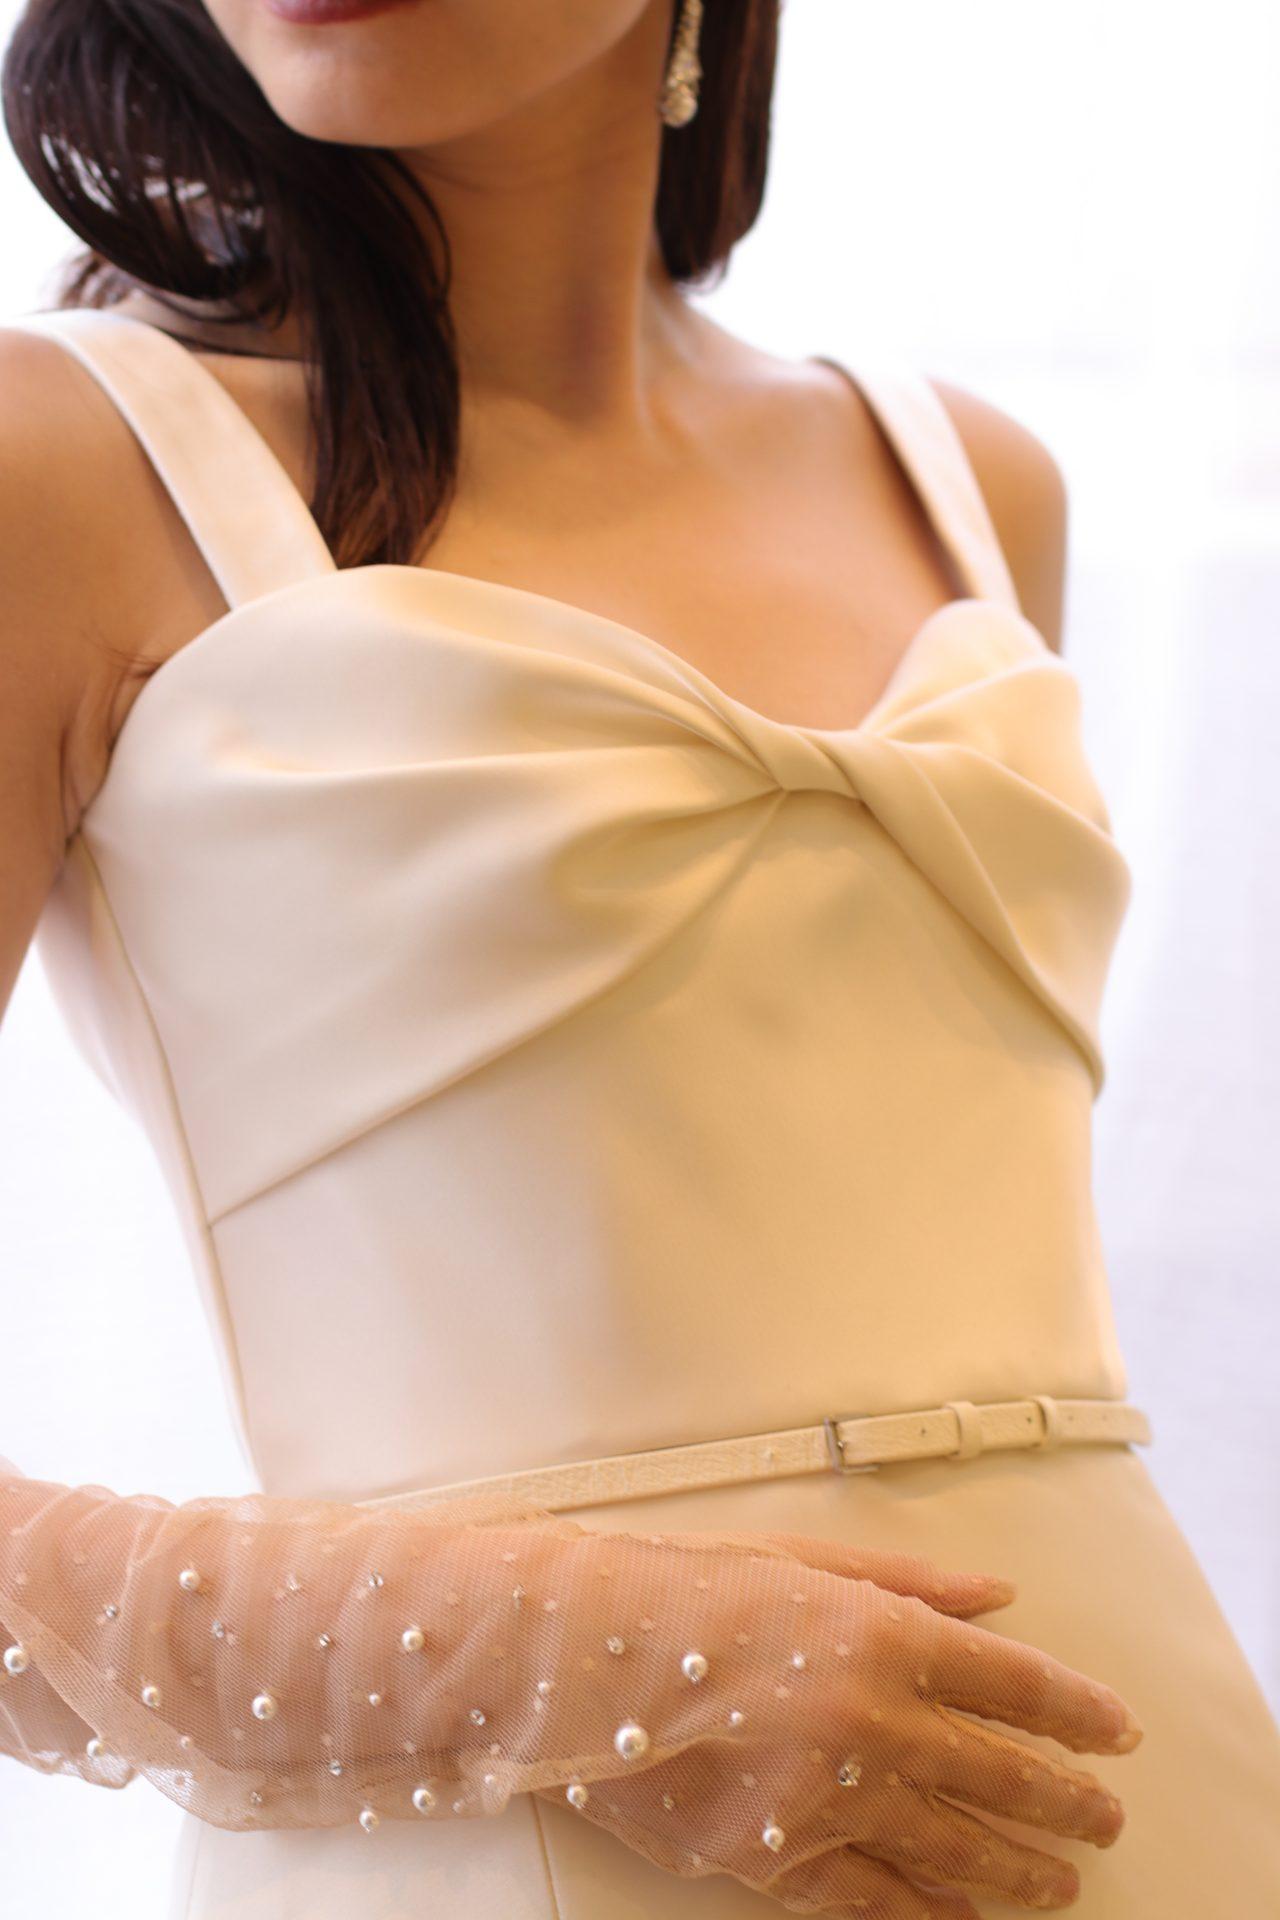 トレンドのビックリボンモチーフを胸元にデザインしたウェディングドレスは、ニューヨークのハイブランド、エリー・サーブのAラインのドレスです